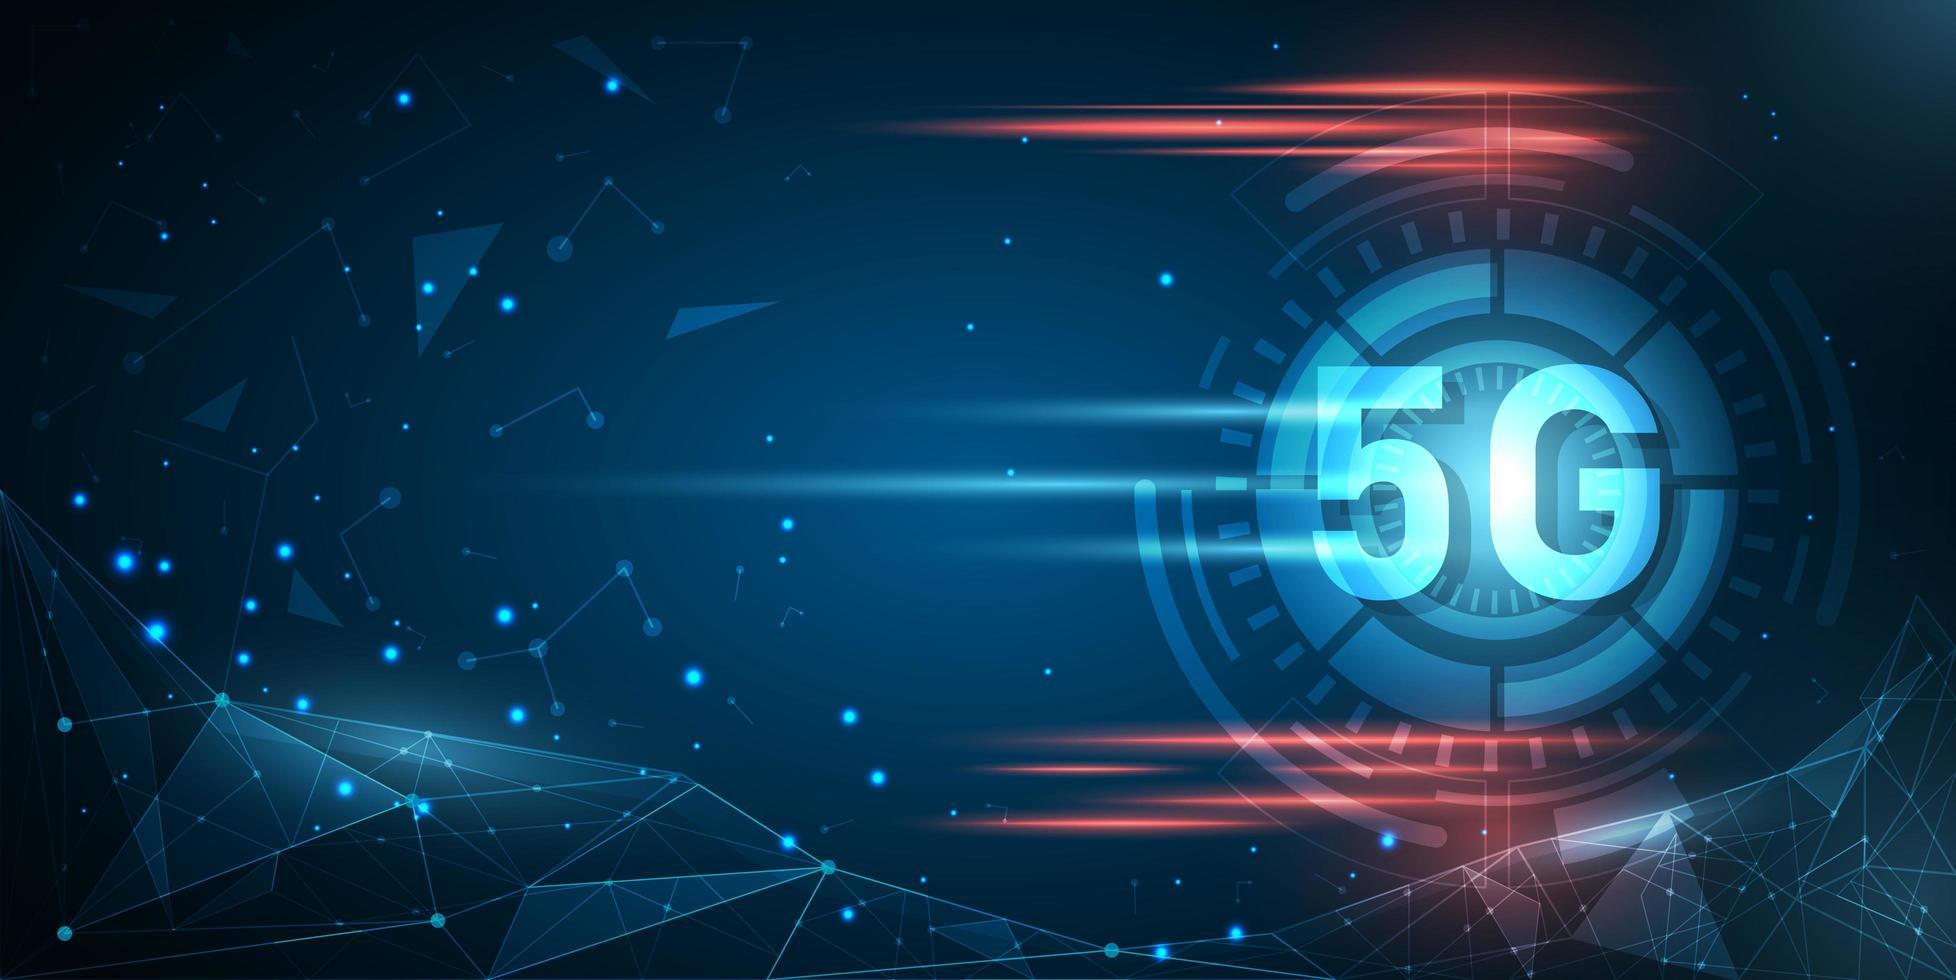 fond de technologie de réseau abstrait 5g vecteur